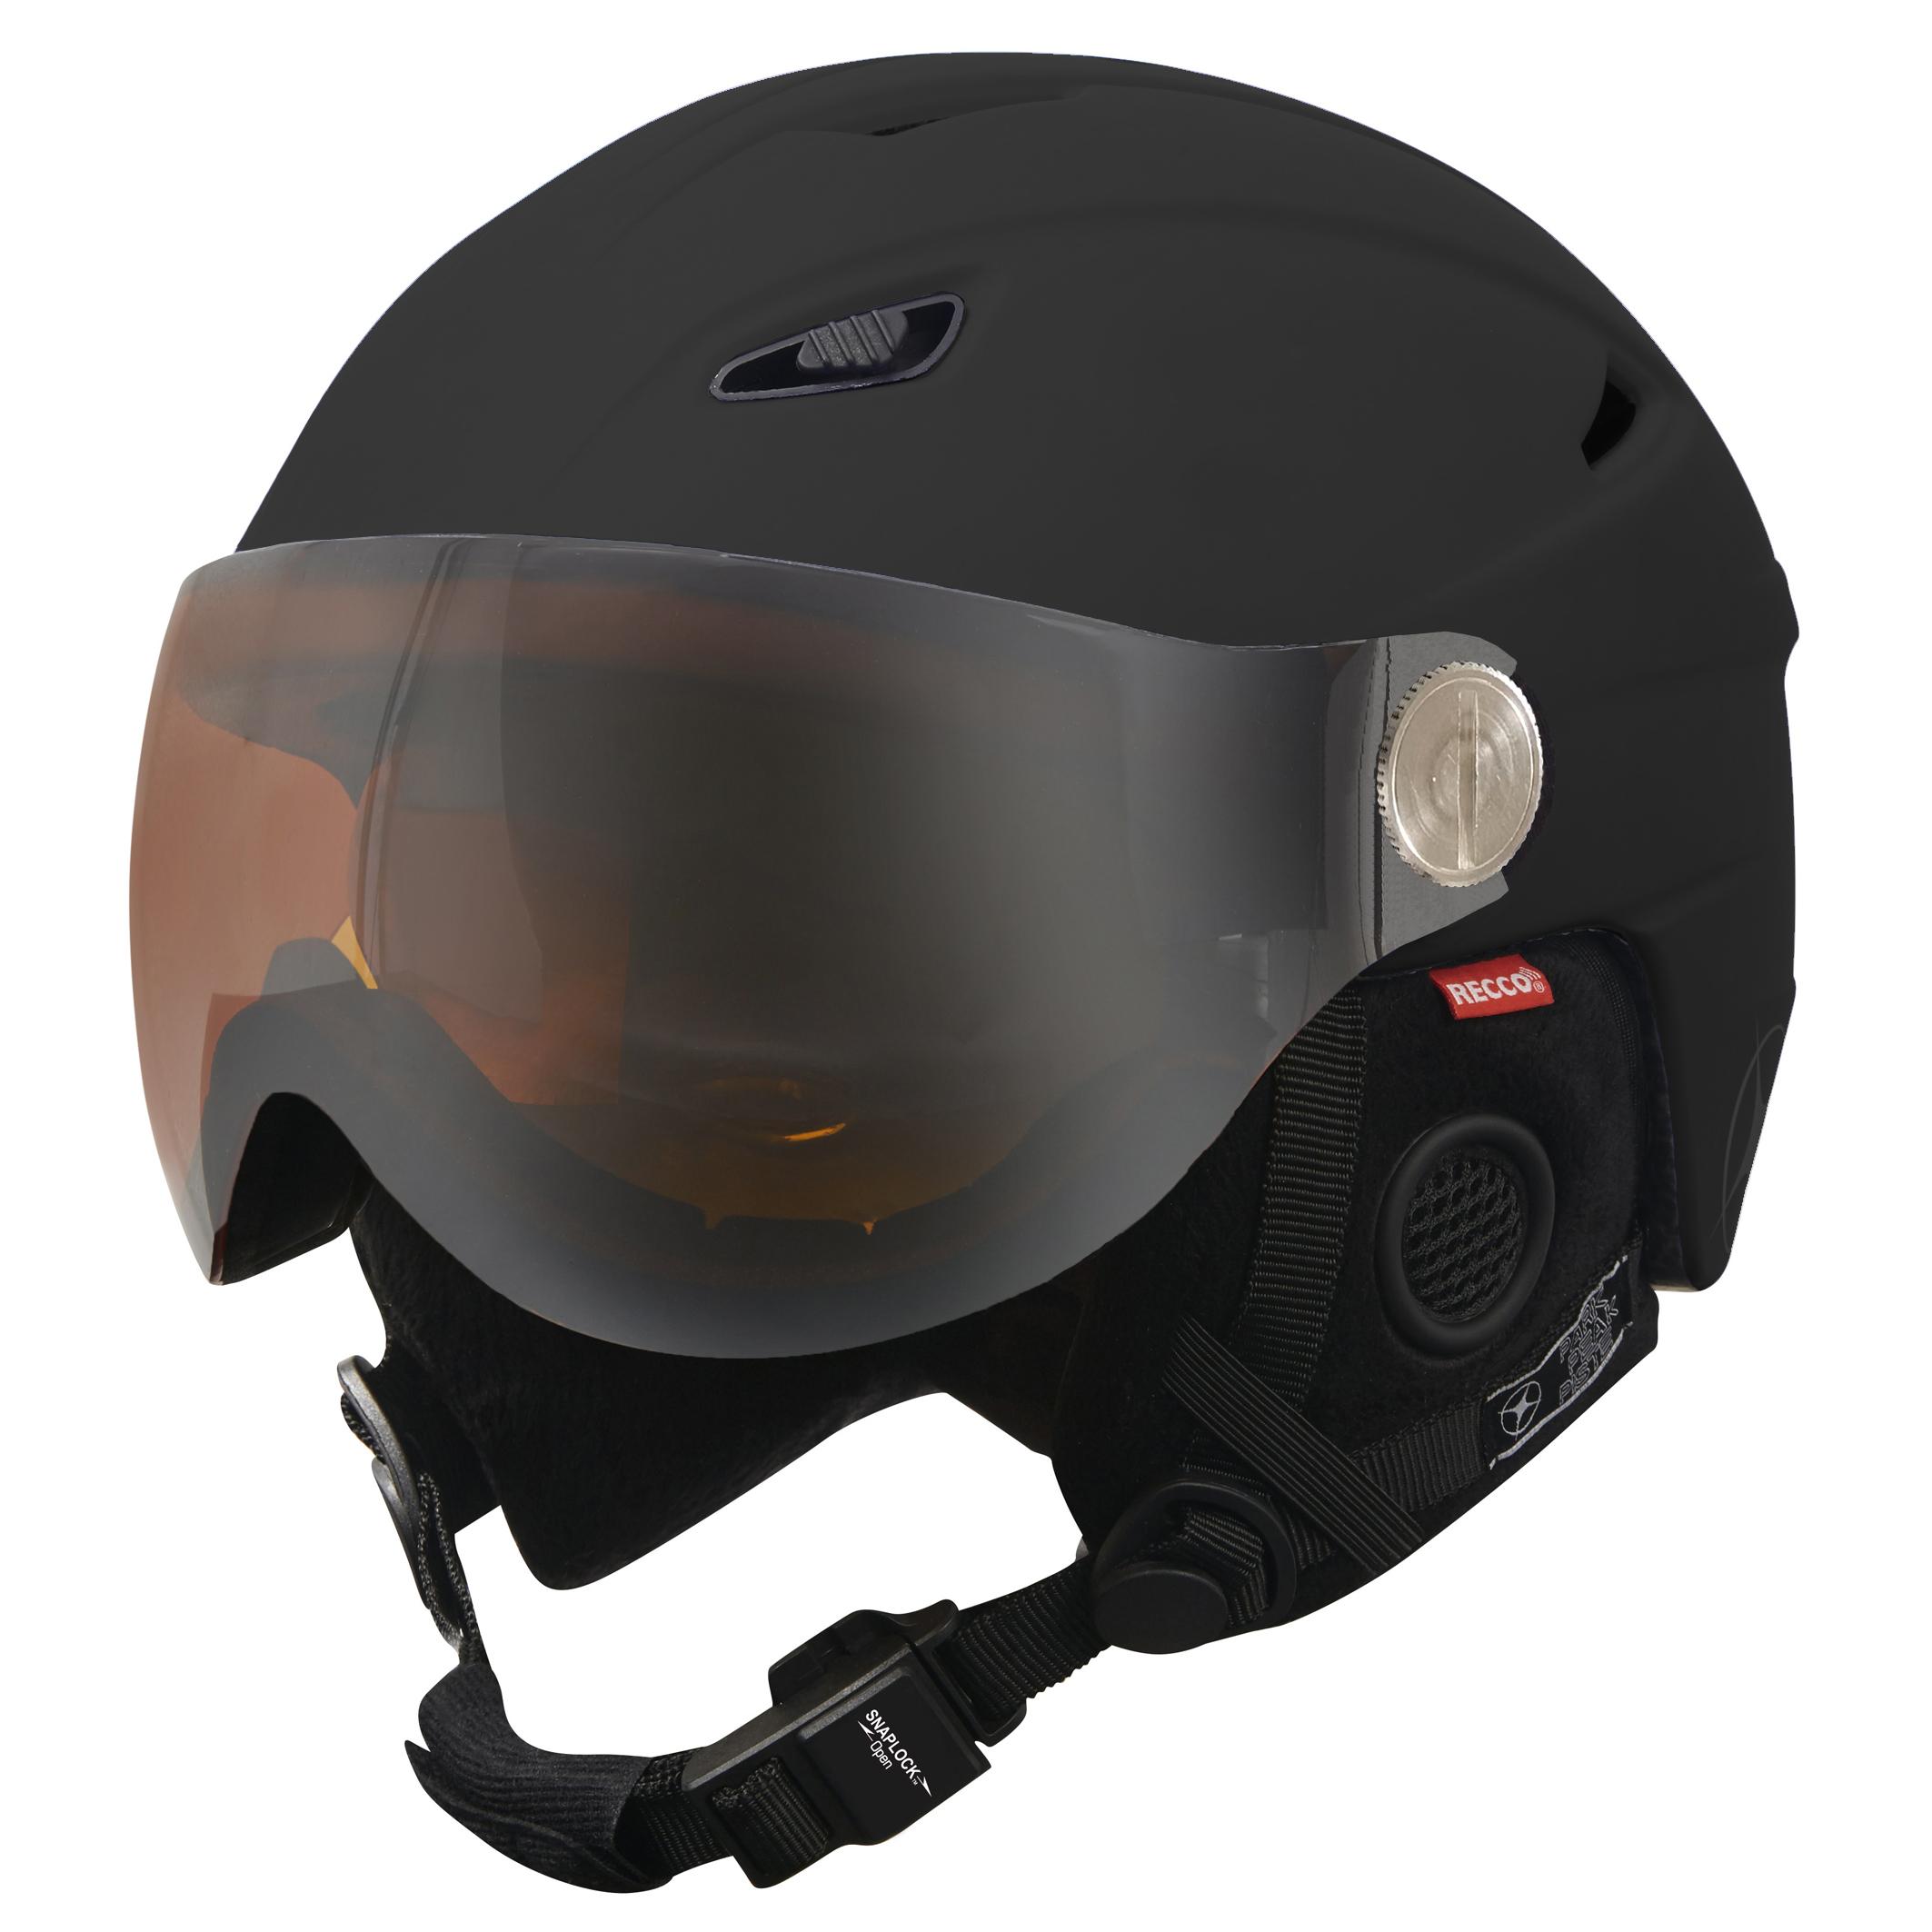 Ladies designer ski helmets